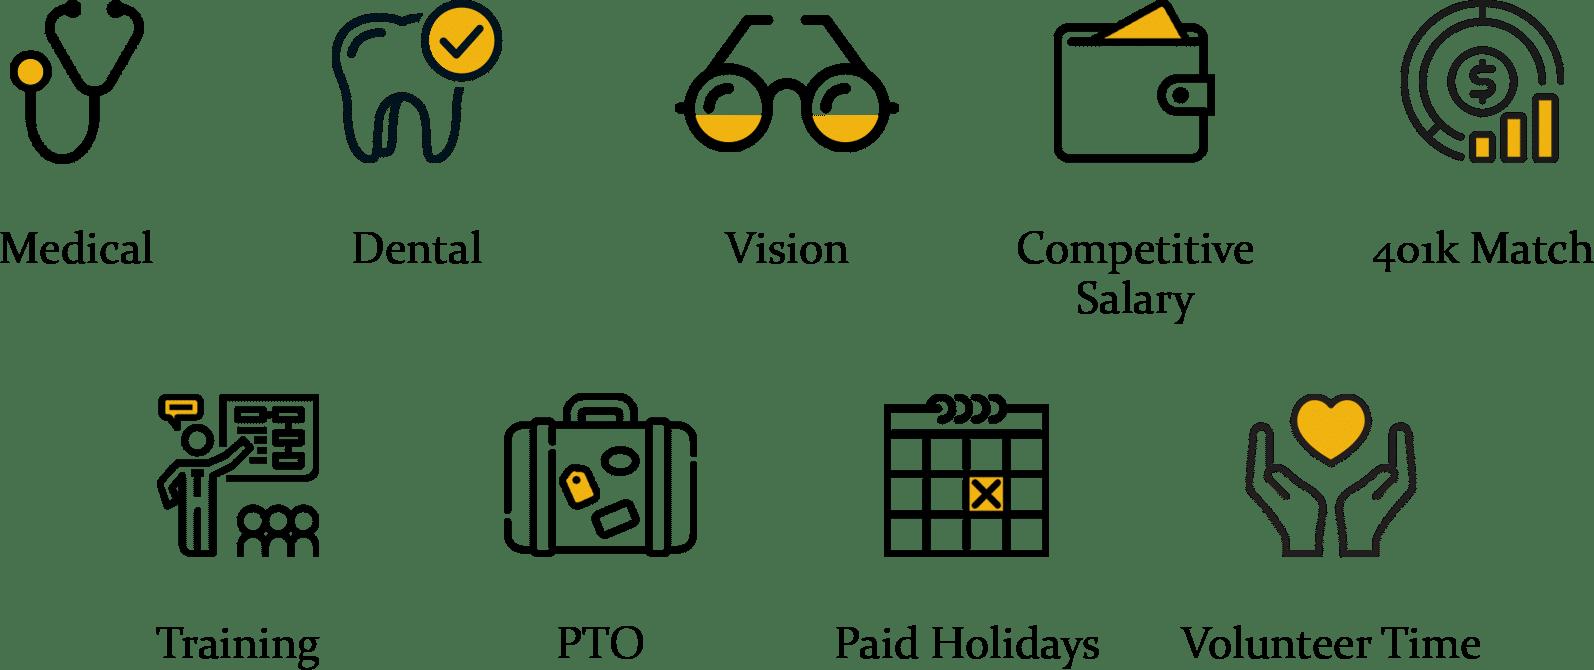 Benefits-icons